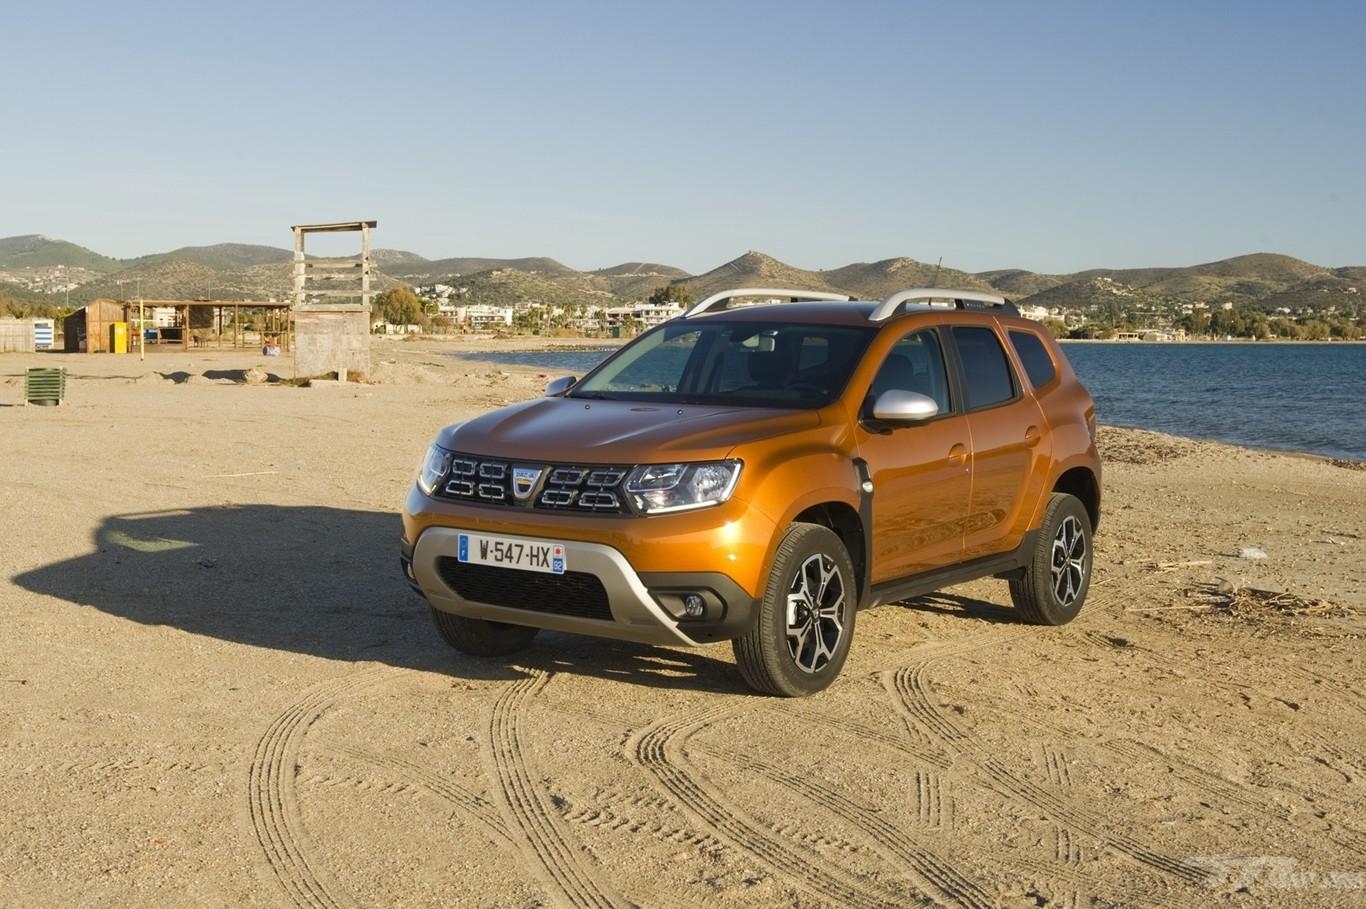 El éxito de Dacia podría volverse en contra de Renault: está lejos de cumplir la media de emisiones exigida...